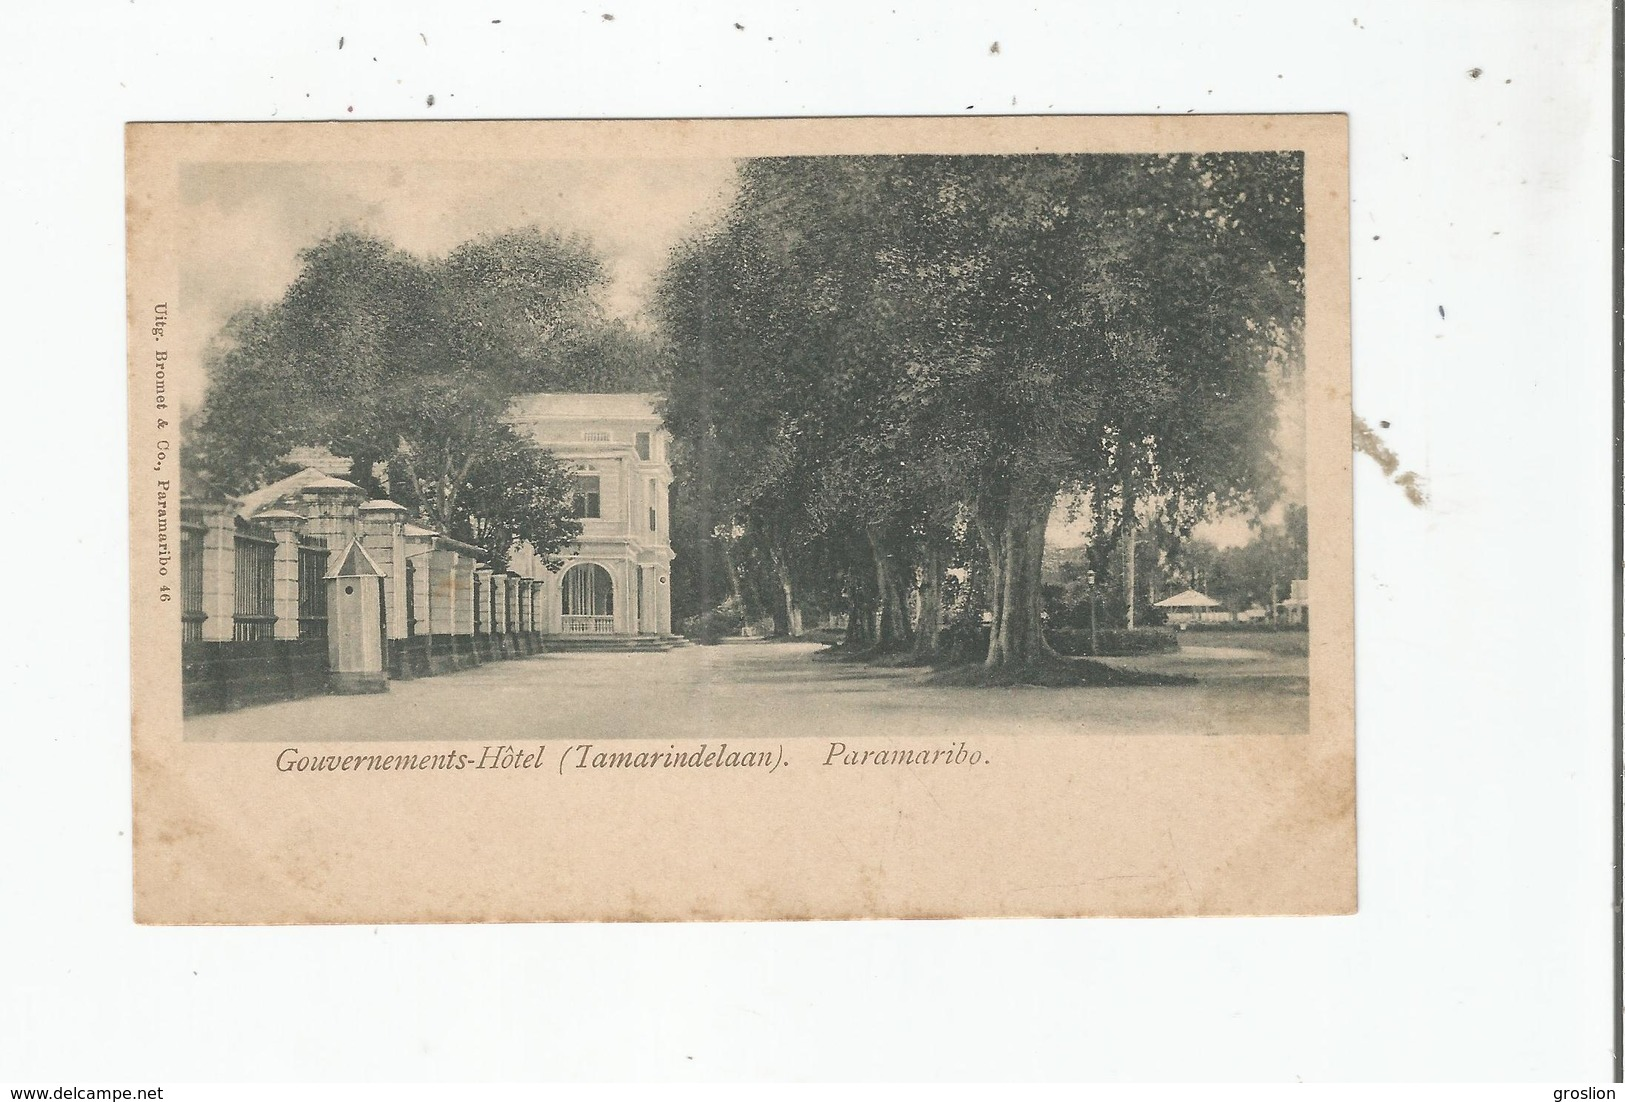 PARAMARIBO (SURINAME)   GOUVERNEMENTS-HOTEL (TAMARINDELAAN) - Surinam